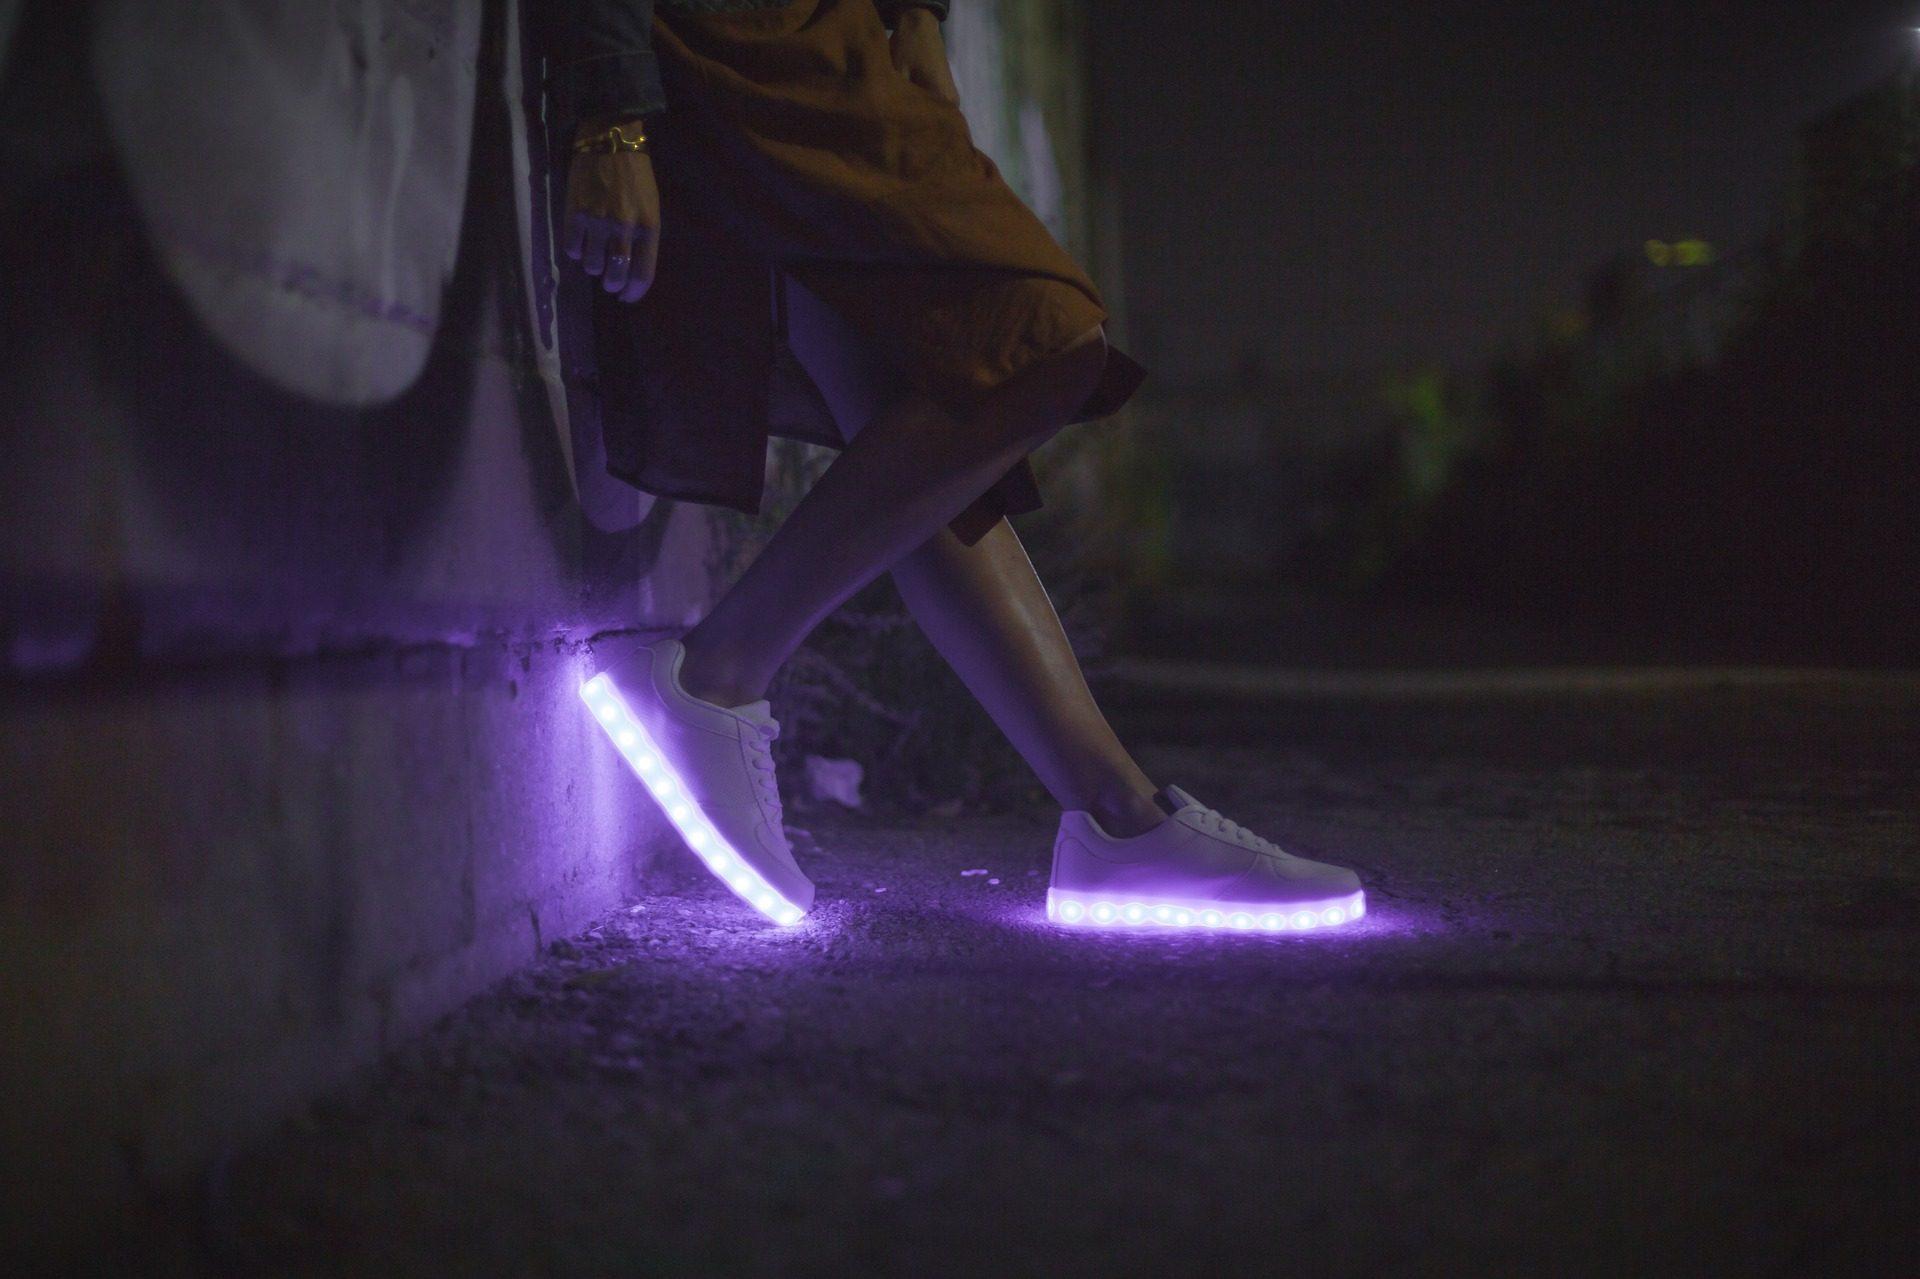 Schuhe, Lichter, LED, Nacht, Hausschuhe - Wallpaper HD - Prof.-falken.com